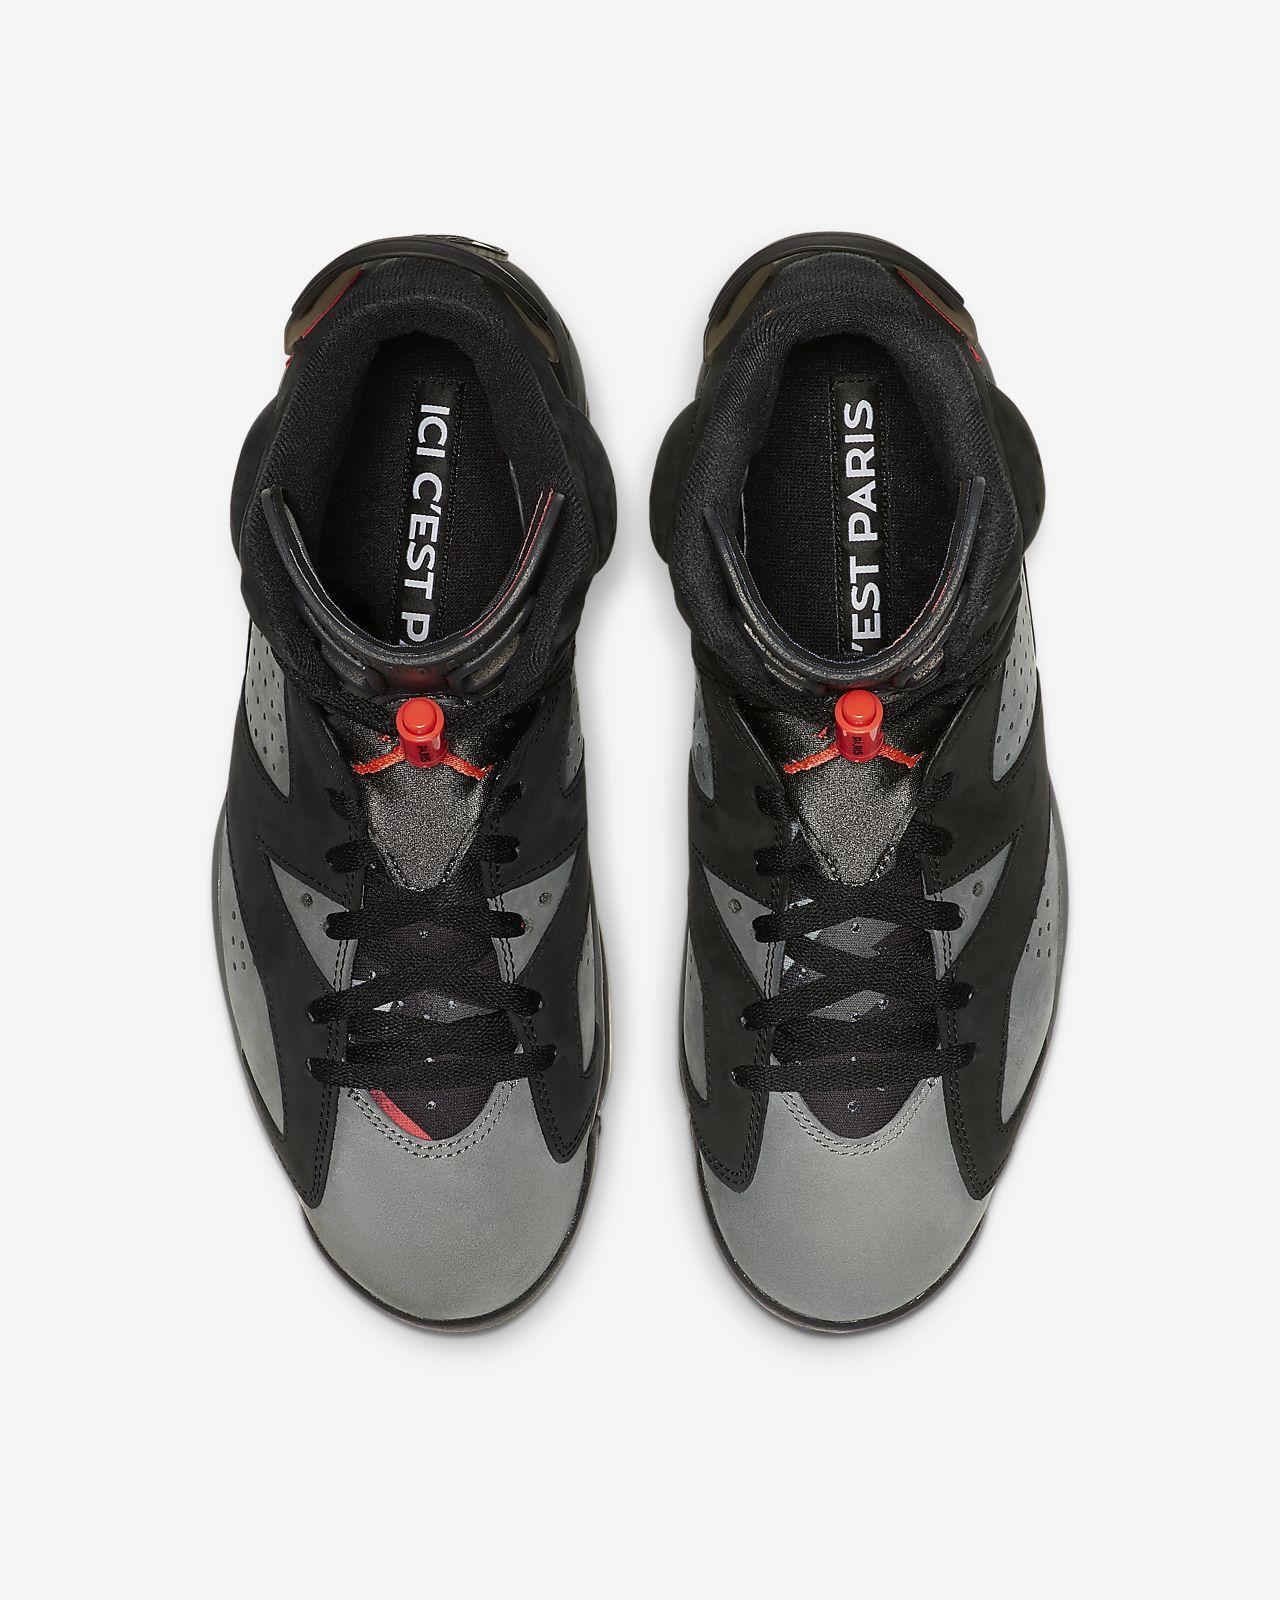 Air Jordan 6 Retro Paris Saint Germain Men's Shoe